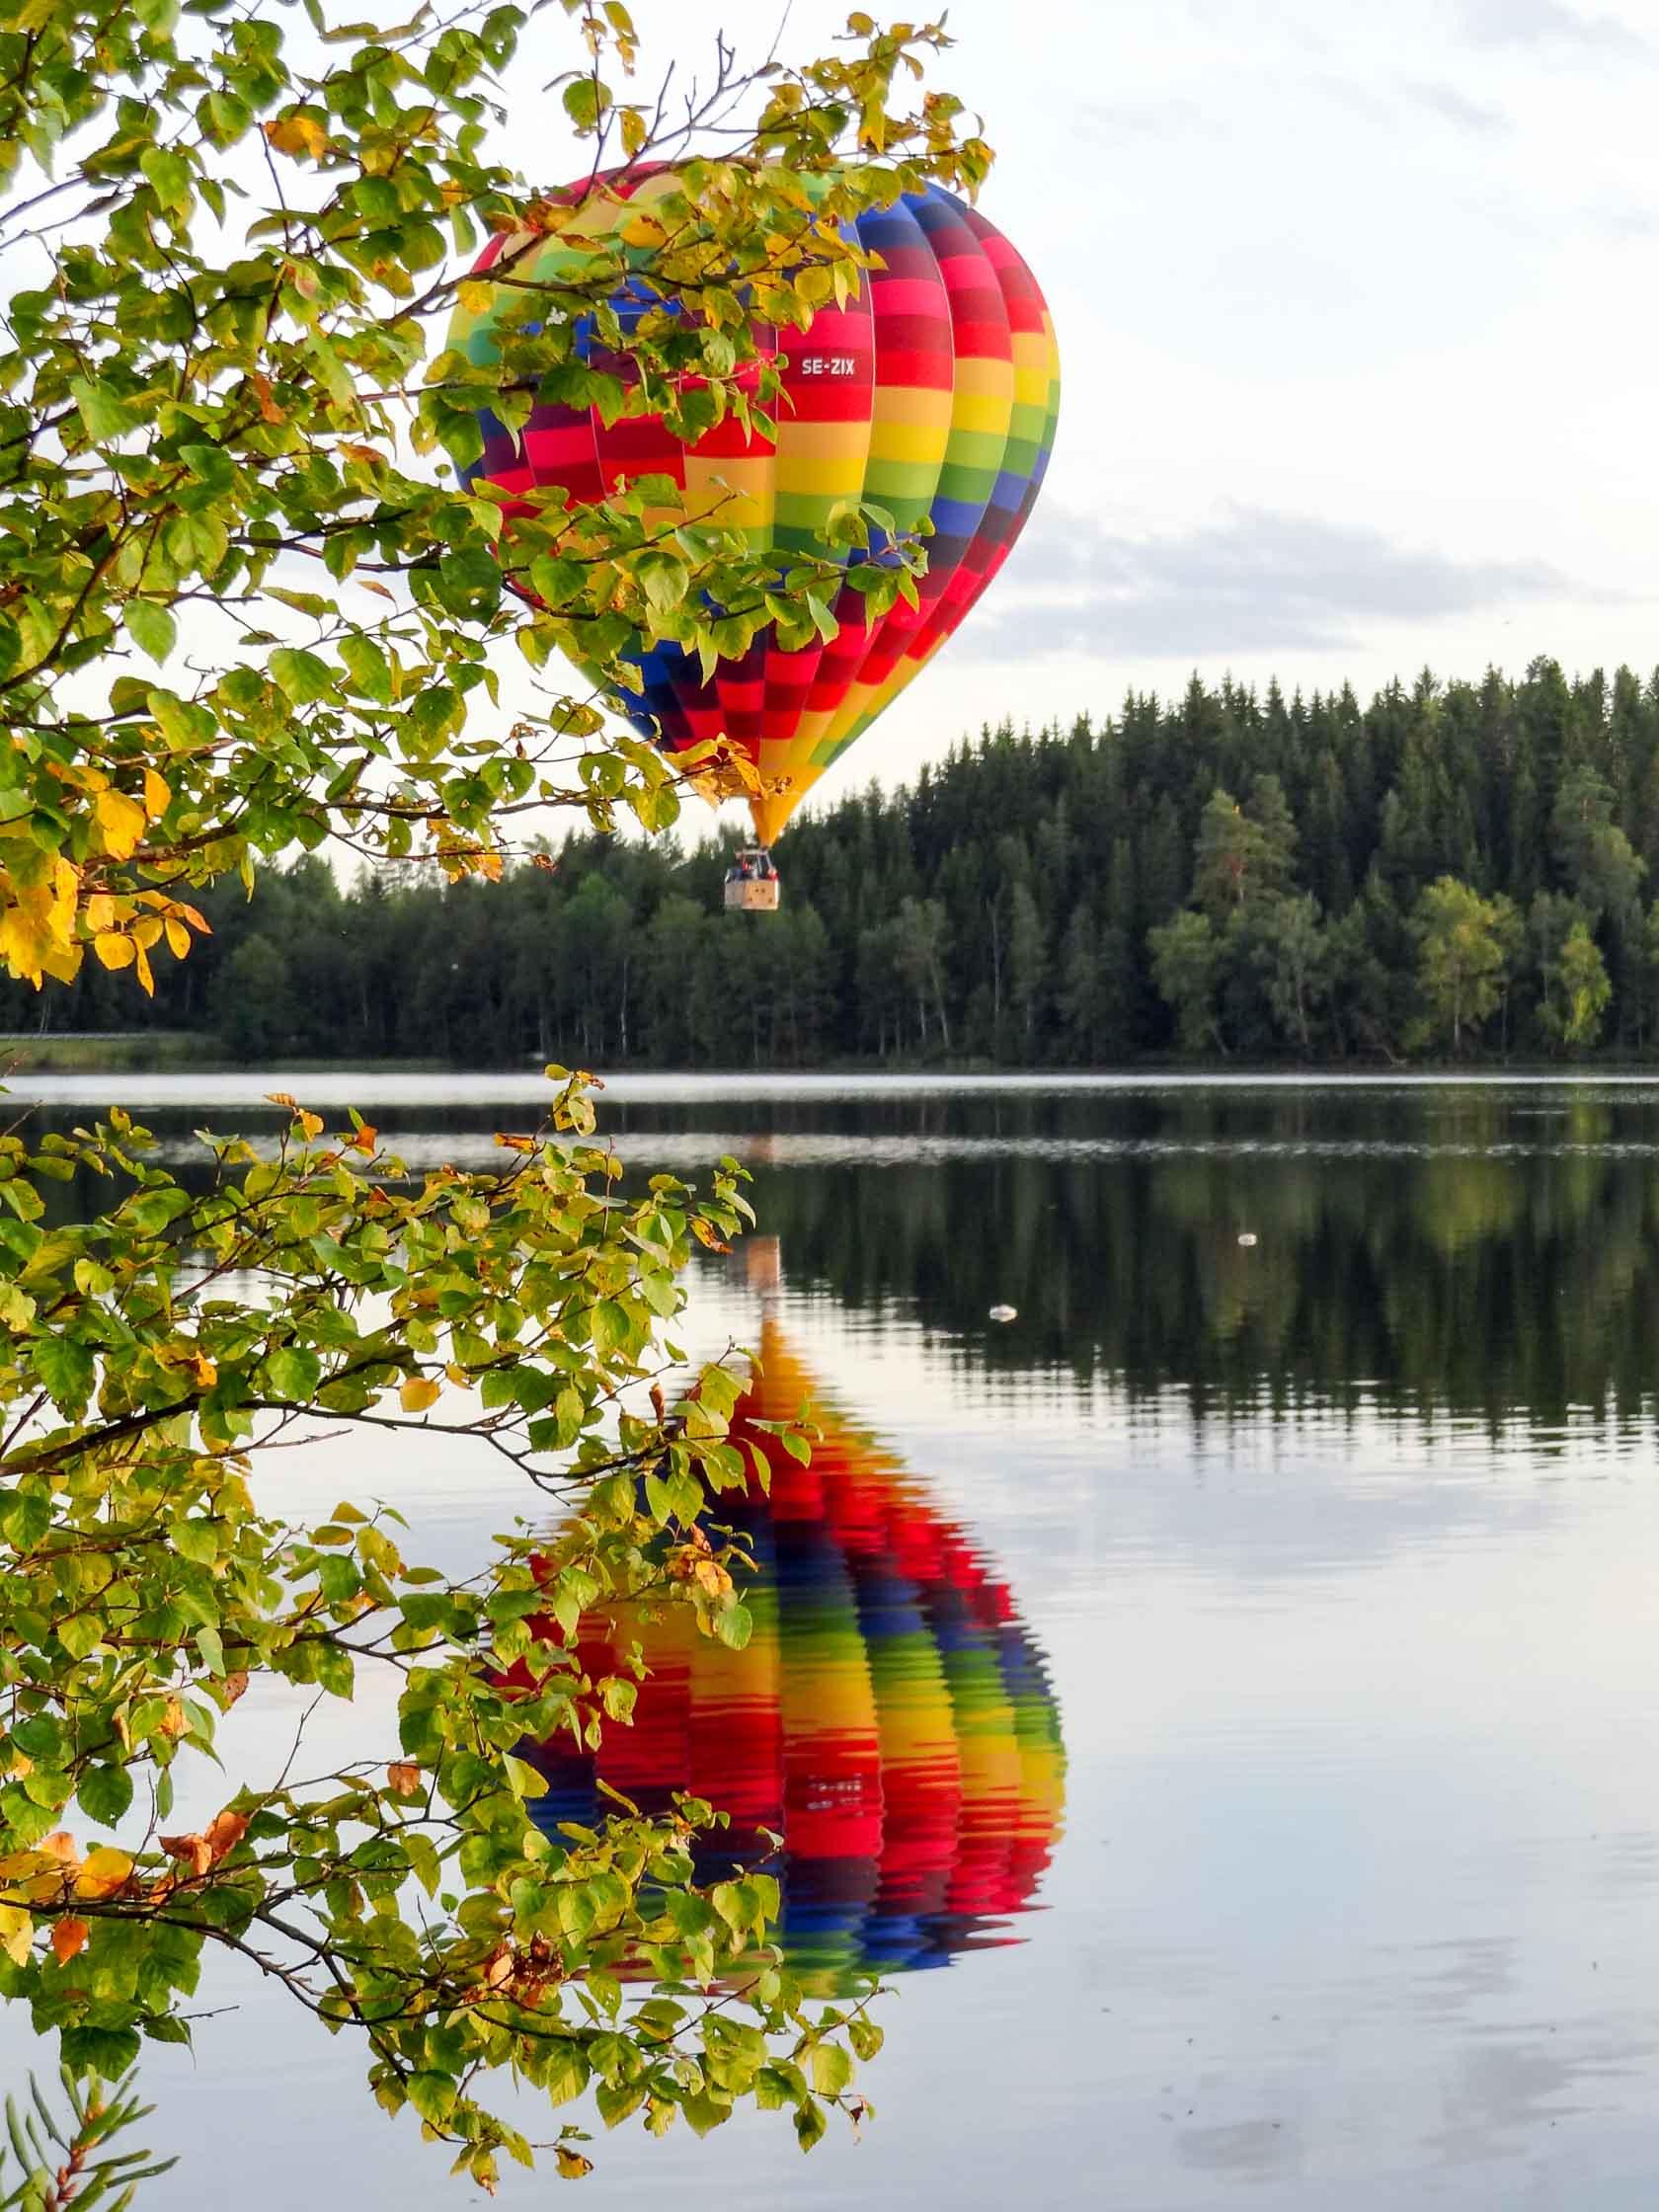 Flyg-ballong-051